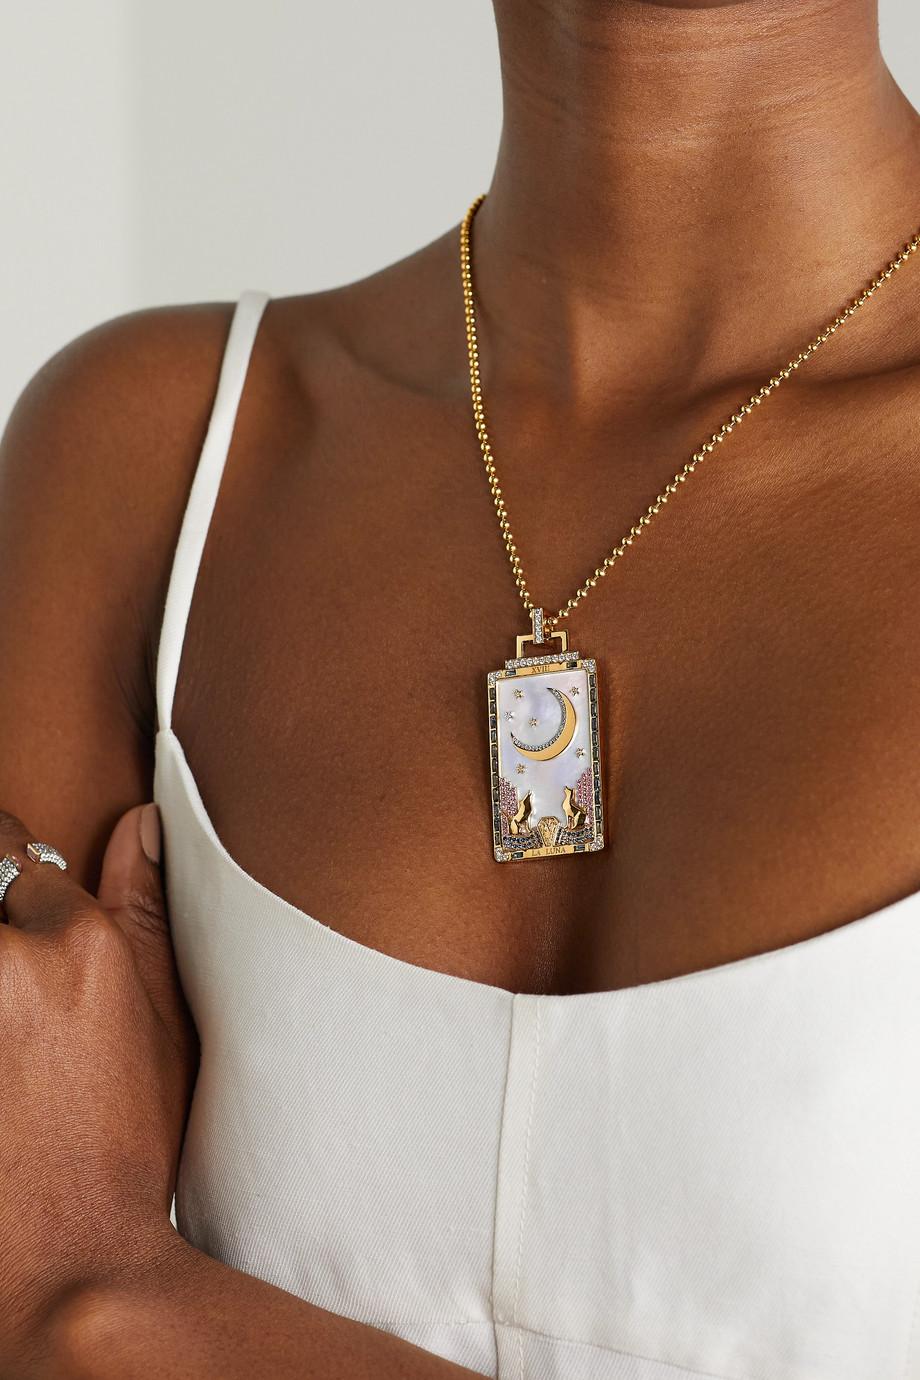 Sorellina Tarot La Luna Kette aus 18 Karat Gold mit mehreren Steinen